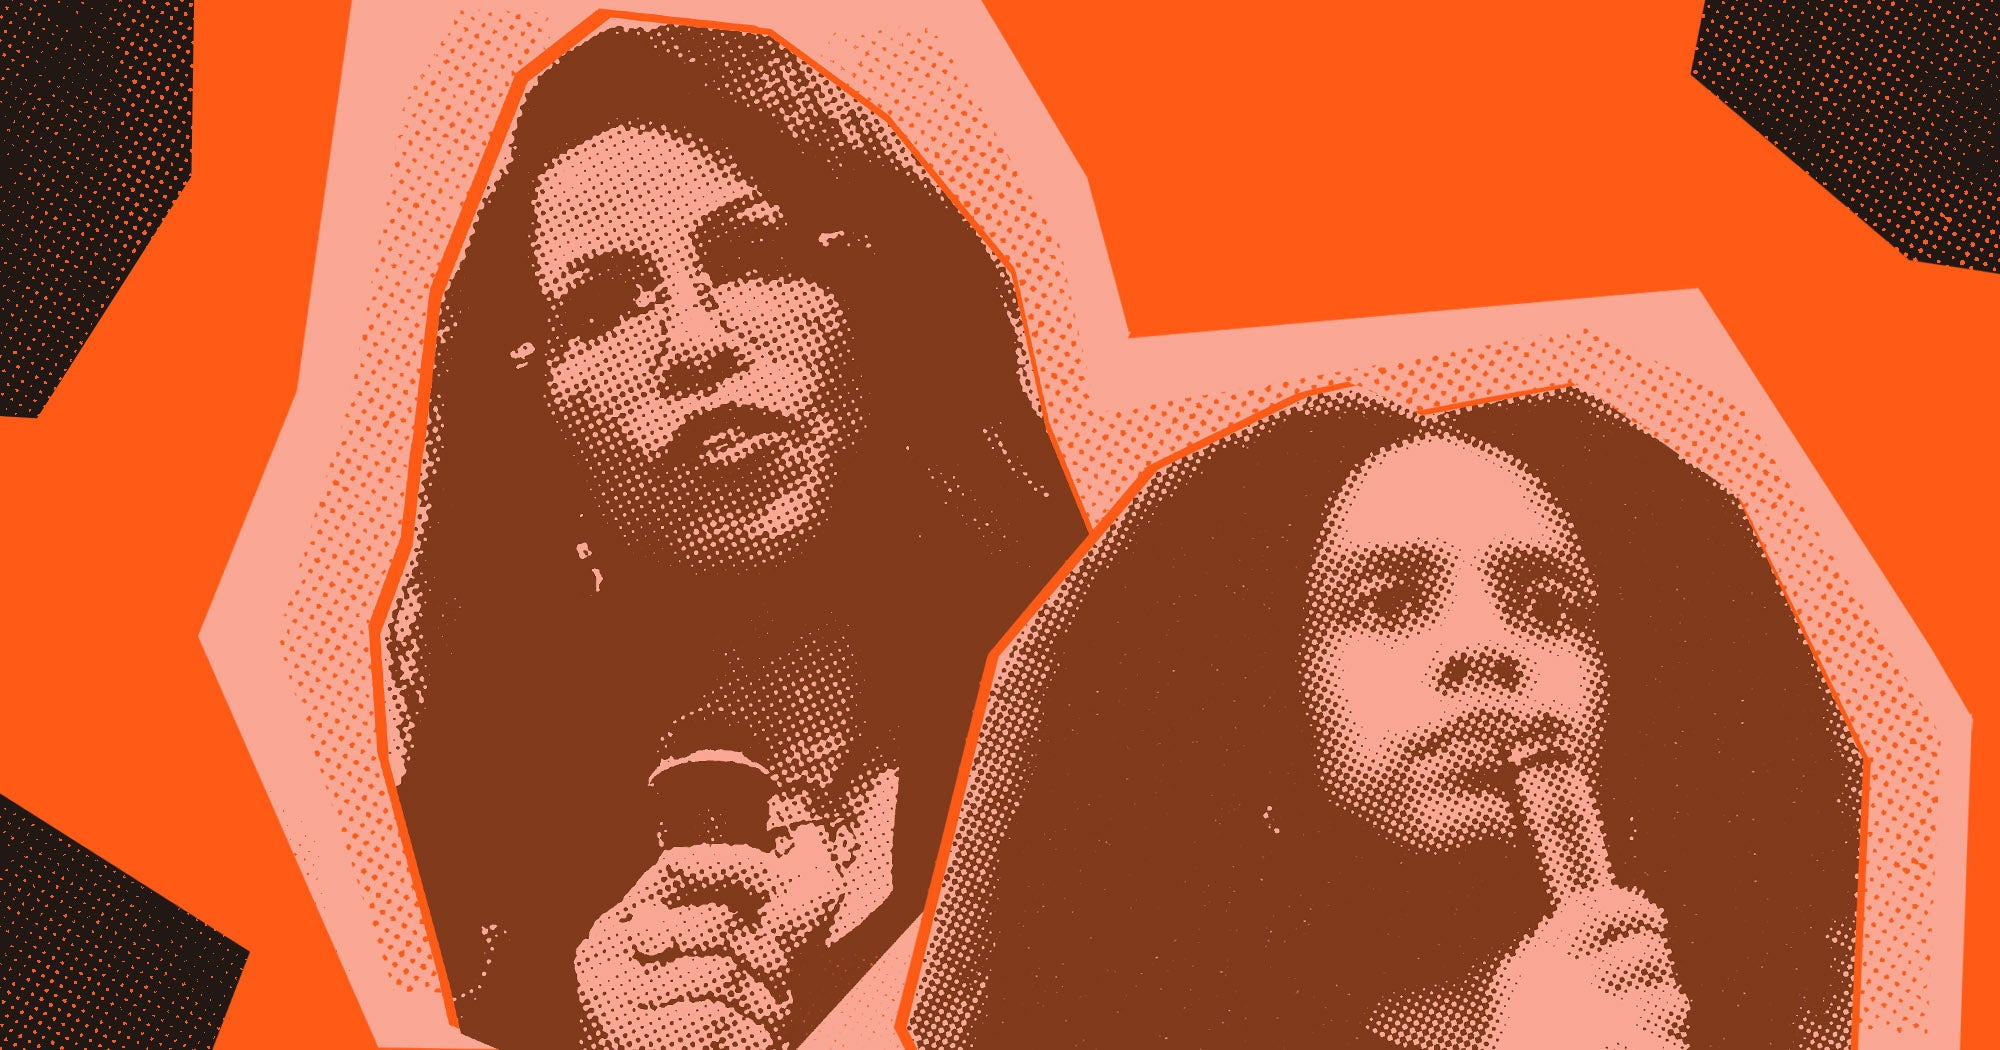 Deux générations, un objectif : la lutte pour l'égalité & la justice